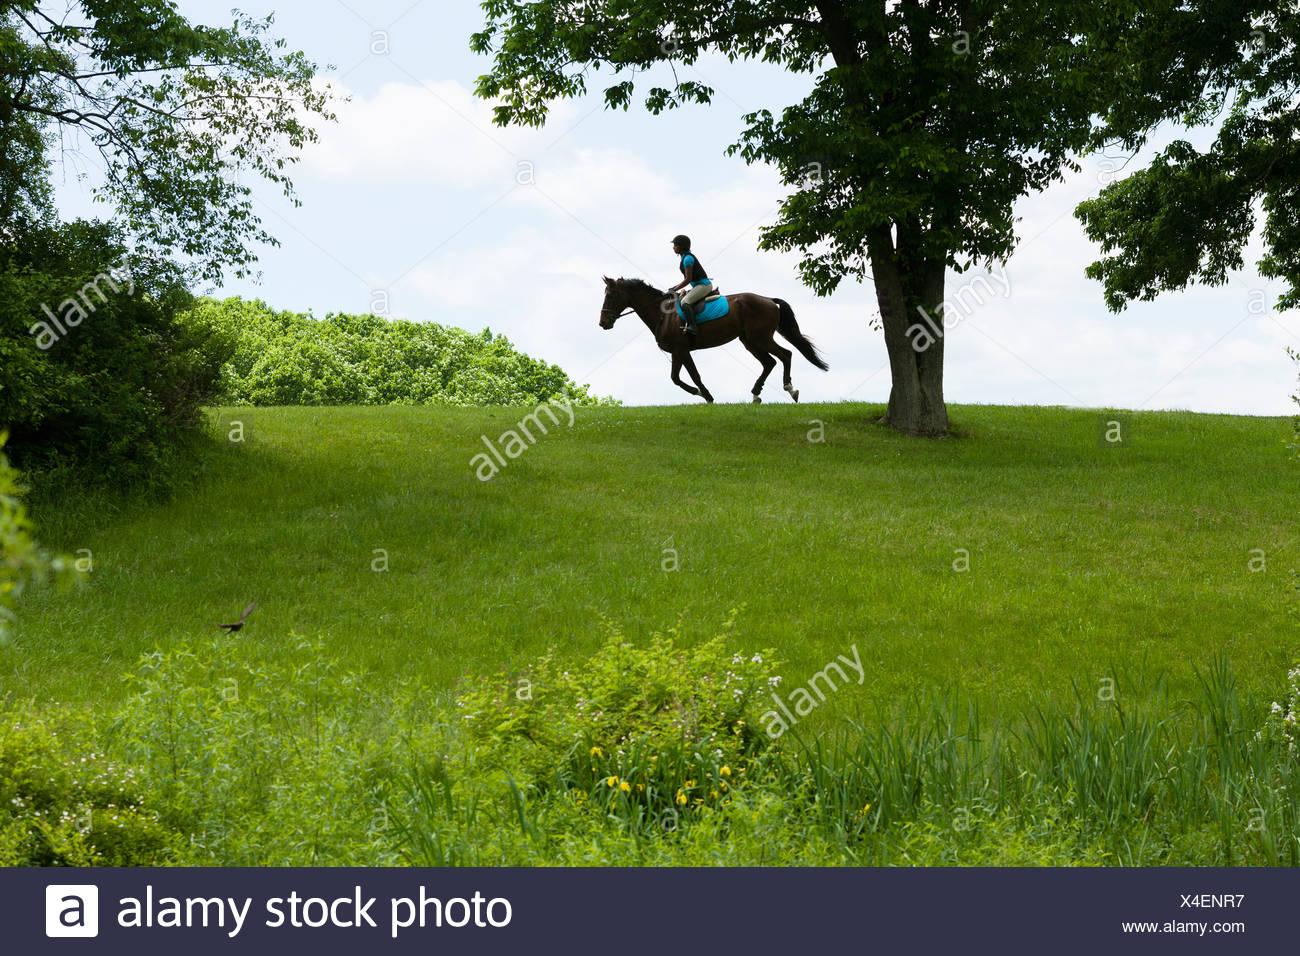 Horse Rider équitation à travers un paysage de champ Photo Stock